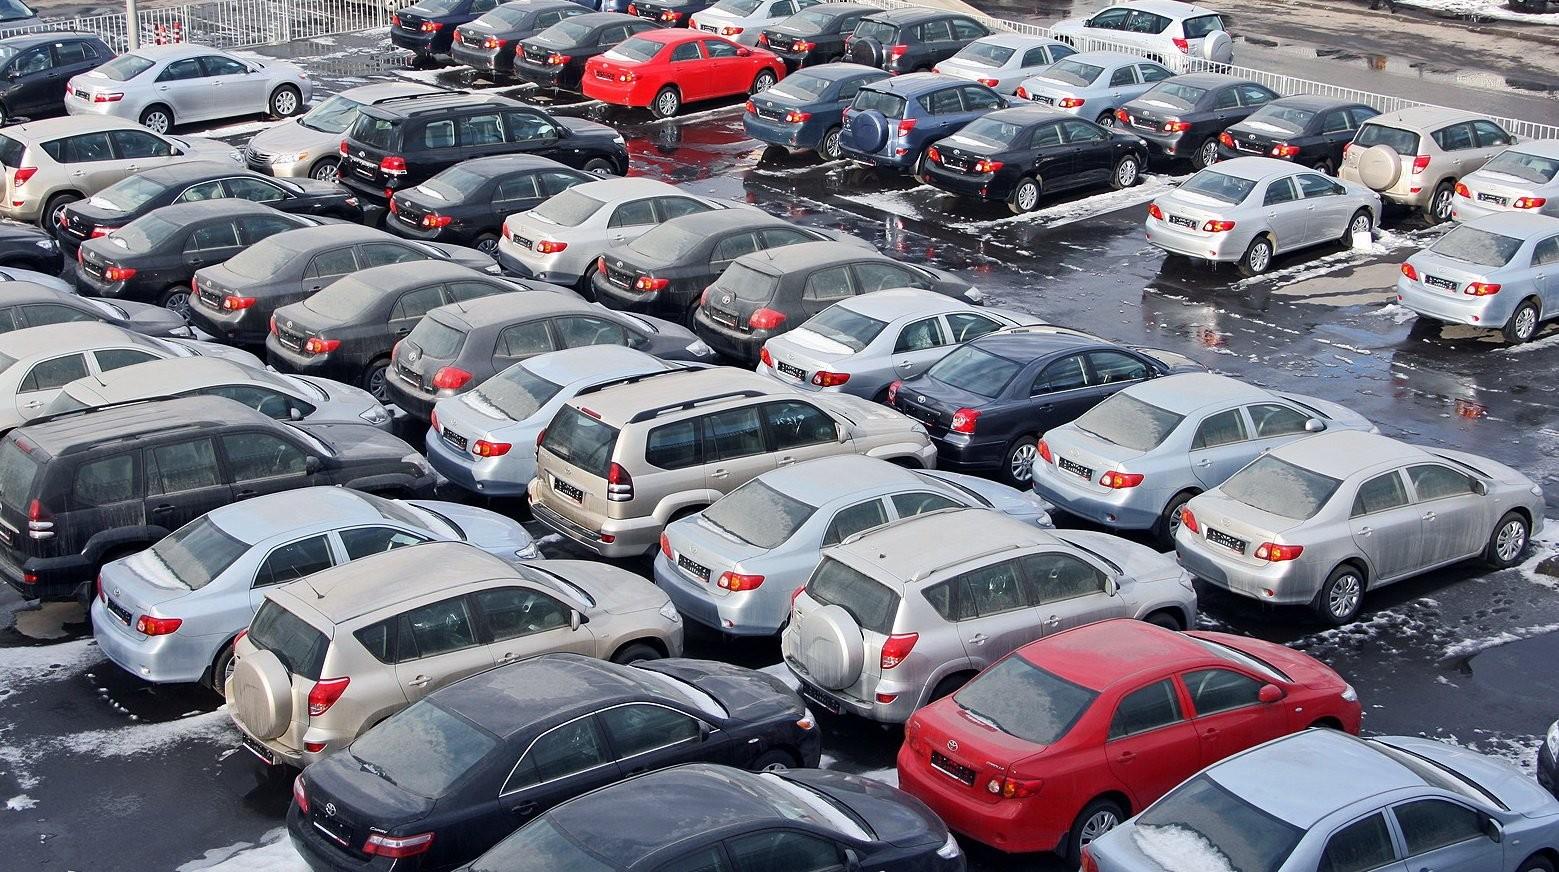 В Казахстане выросло количество зарегистрированных легковых авто